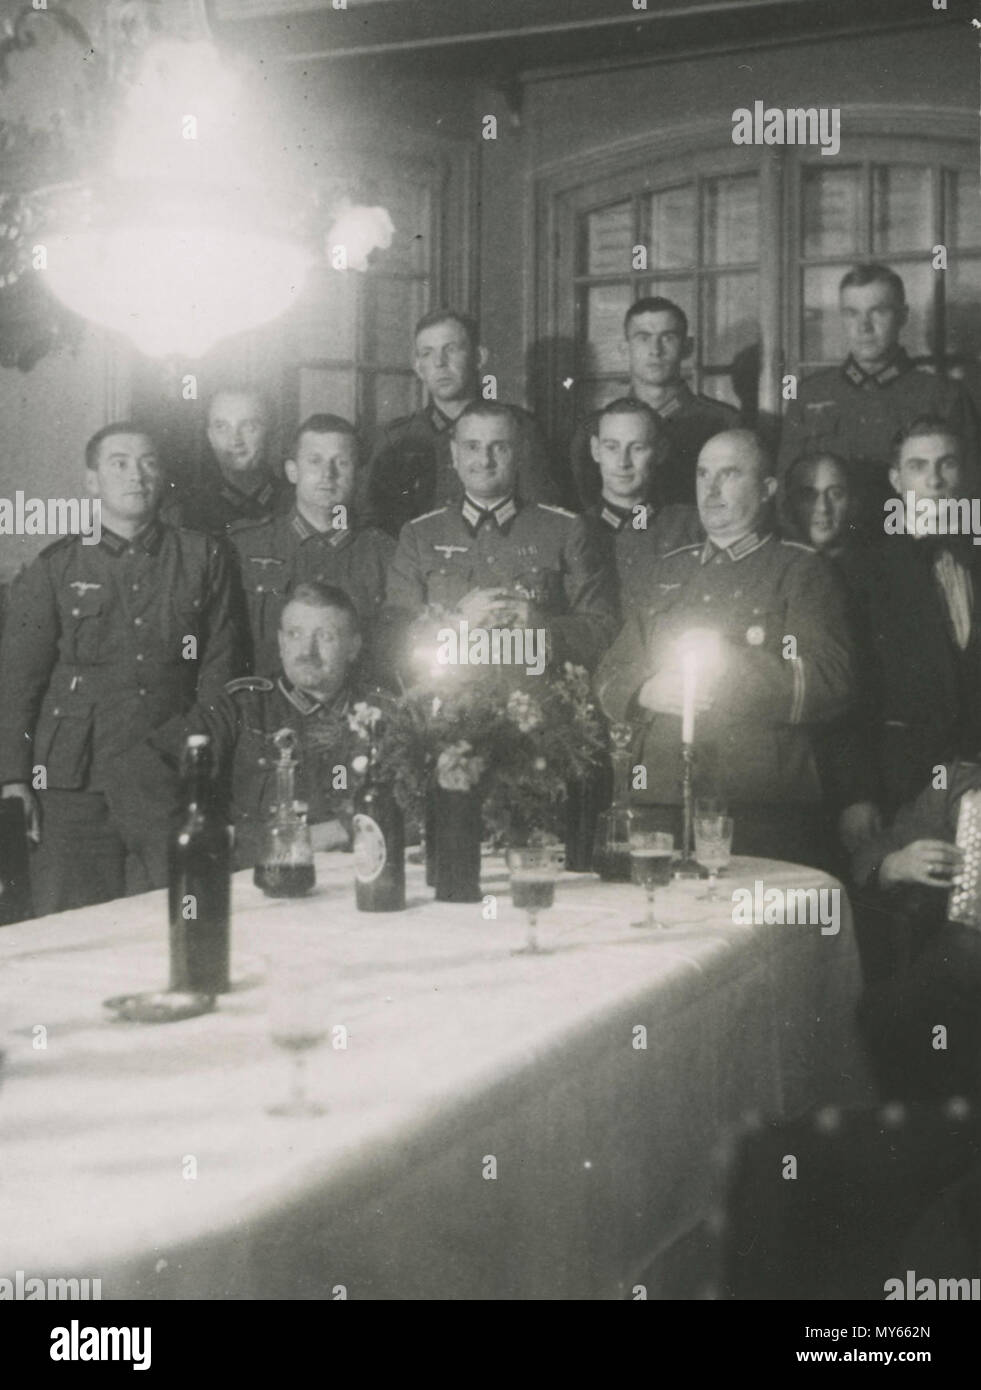 Duitse soldaten en officieren. Datum en locatie onbekend. Waarschijnlijk in Alkmaar. - Stock Image